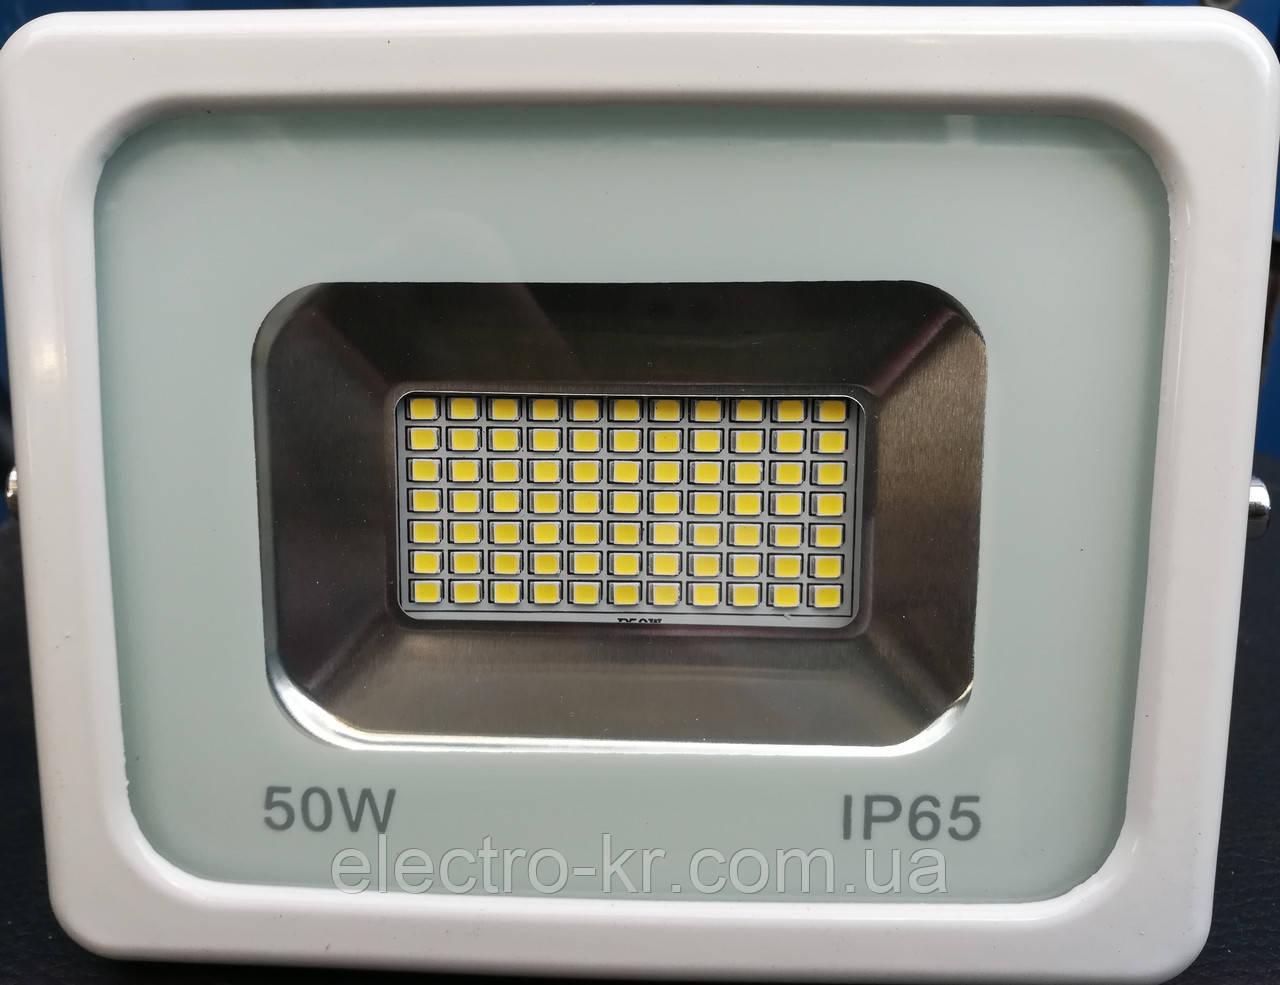 Прожектор світлодіодний RIGHT HAUSEN LED 50W 4000 Lm 6500K IP65 білий